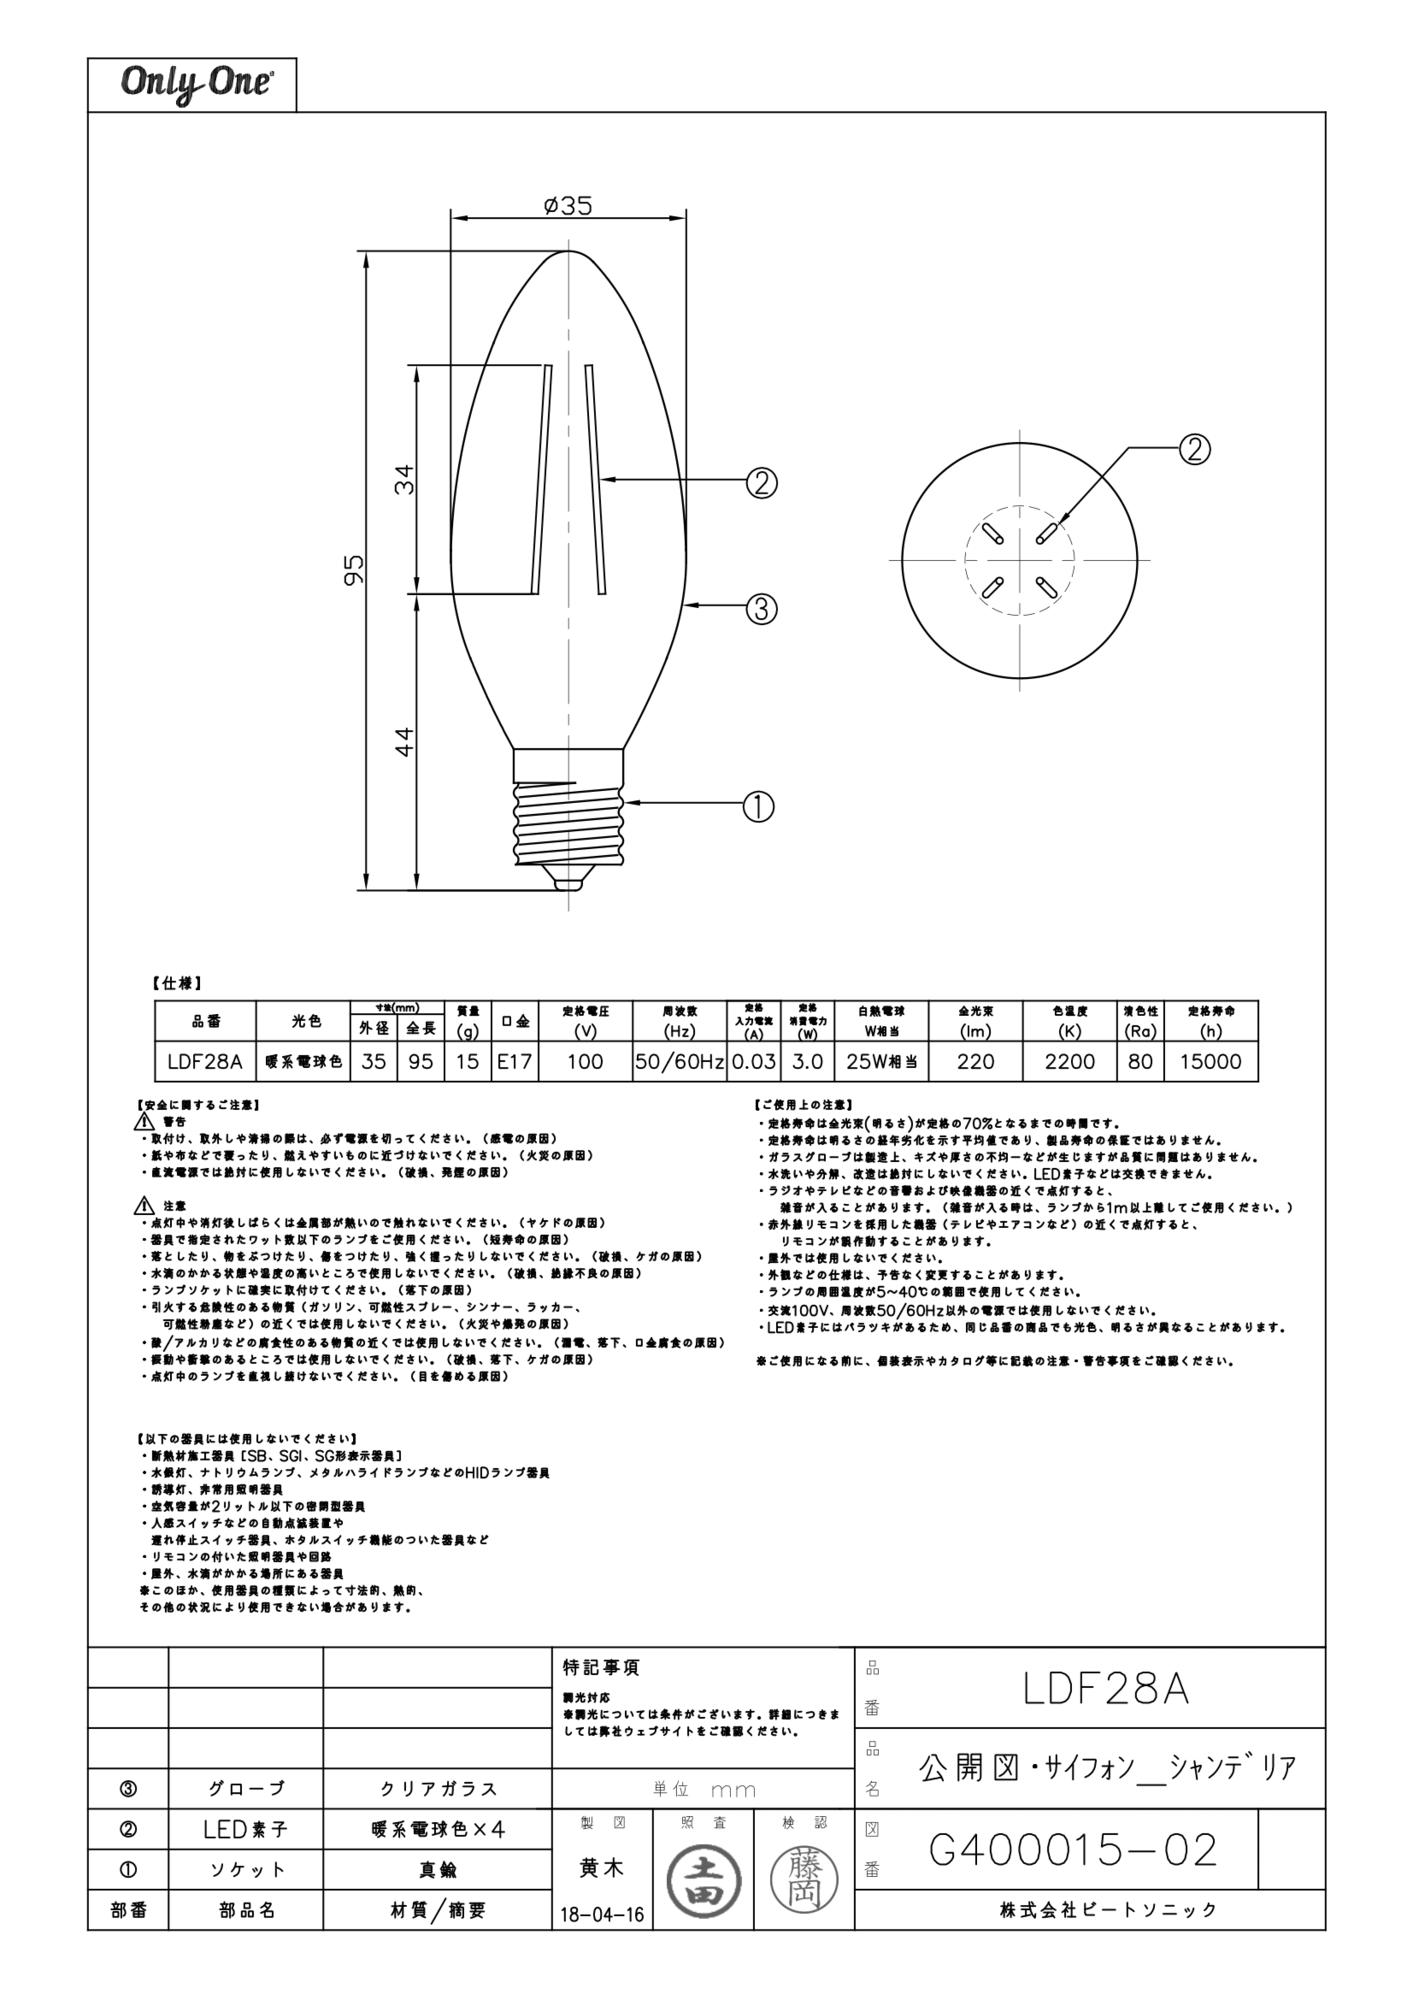 Middle 5eb4d9a09d3093c7f4c9